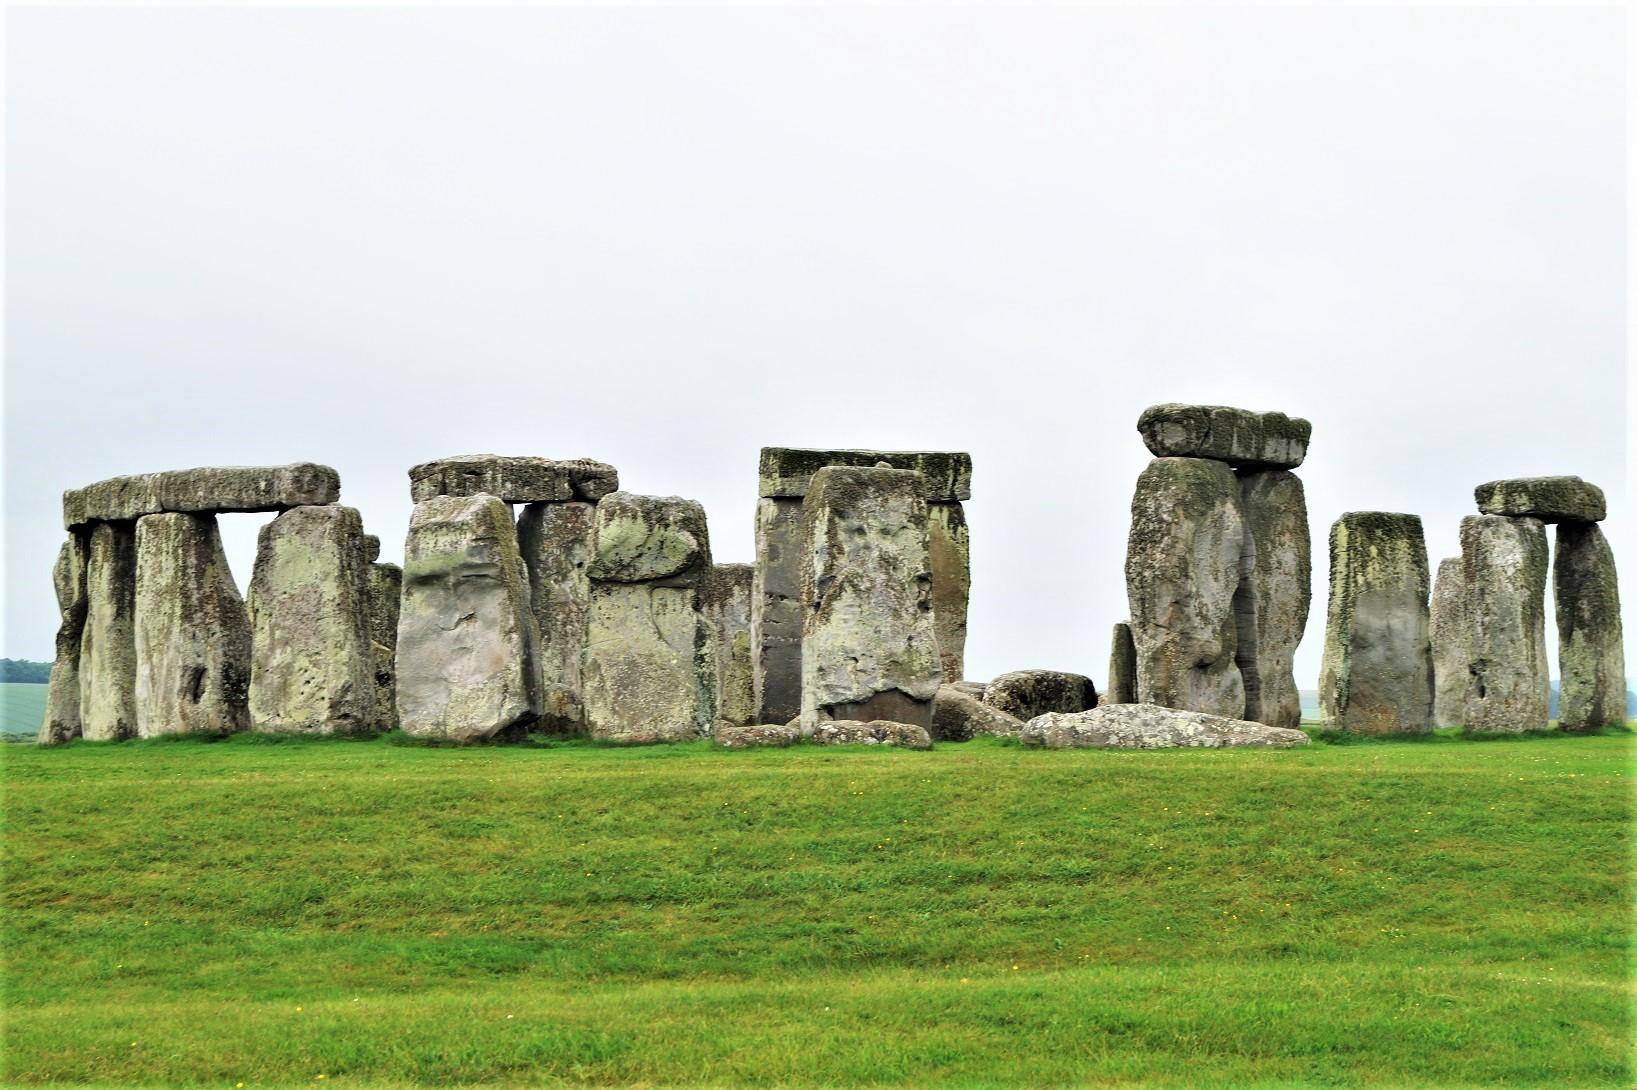 Stonehenge - insbesondere durch das nicht so gute Wetter hatte es eine ganz besondere Stimmung